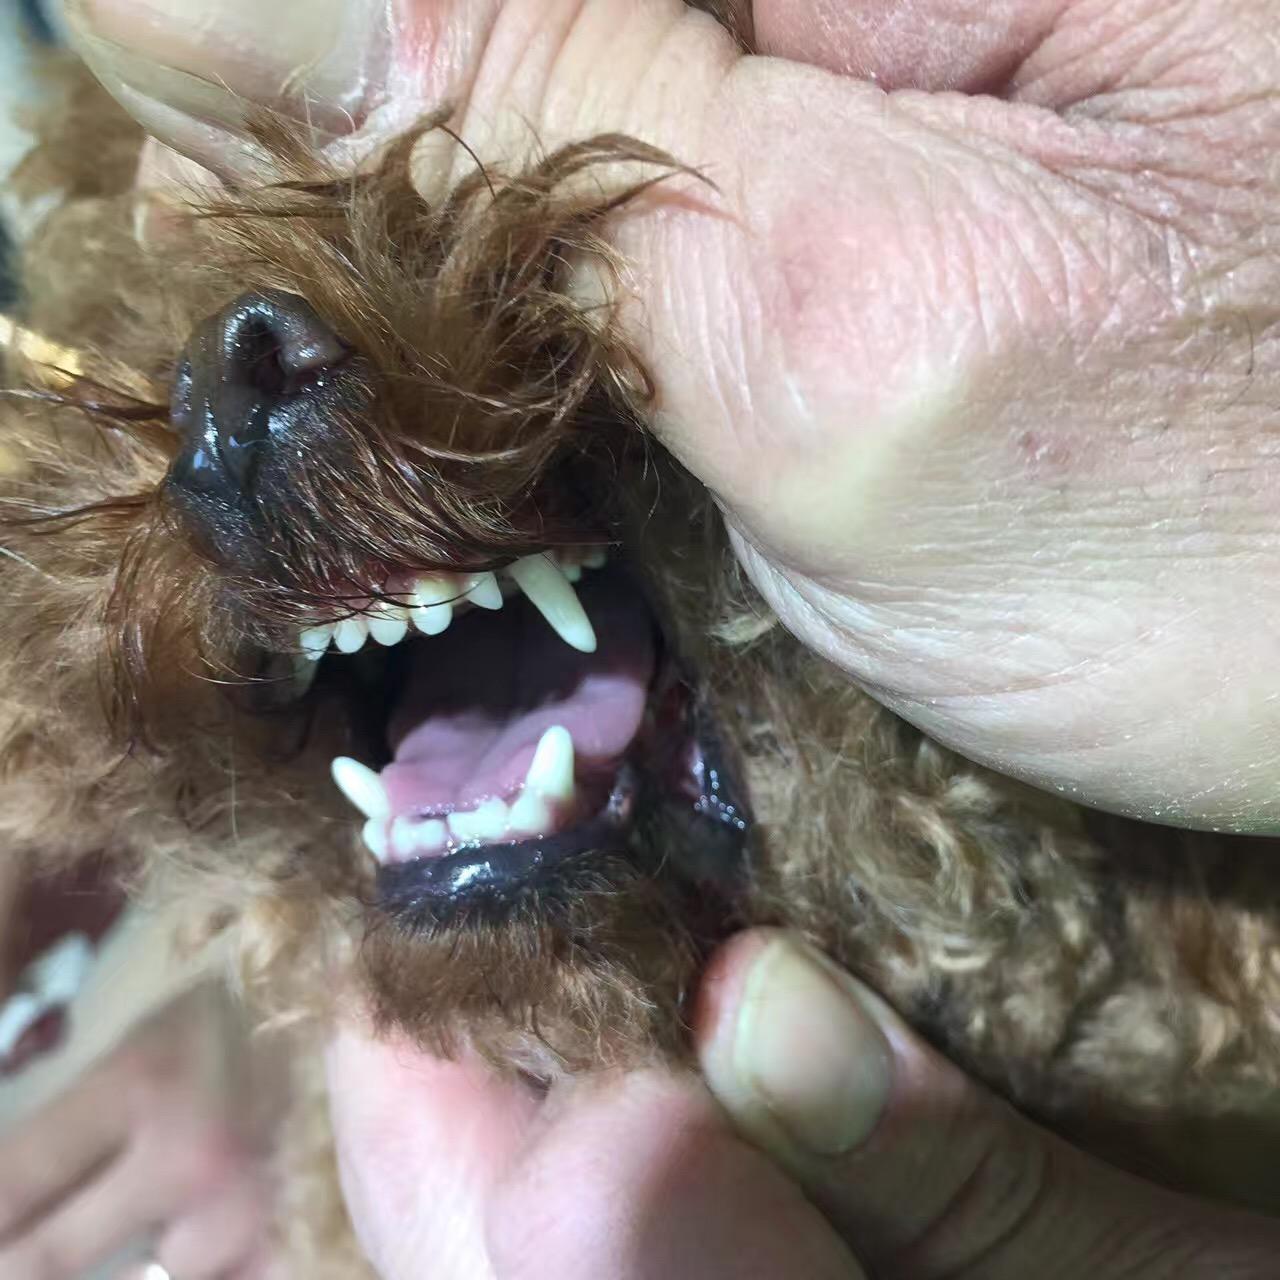 宠物牙齿护理多少钱,新乡哪家宠物美容院专业?